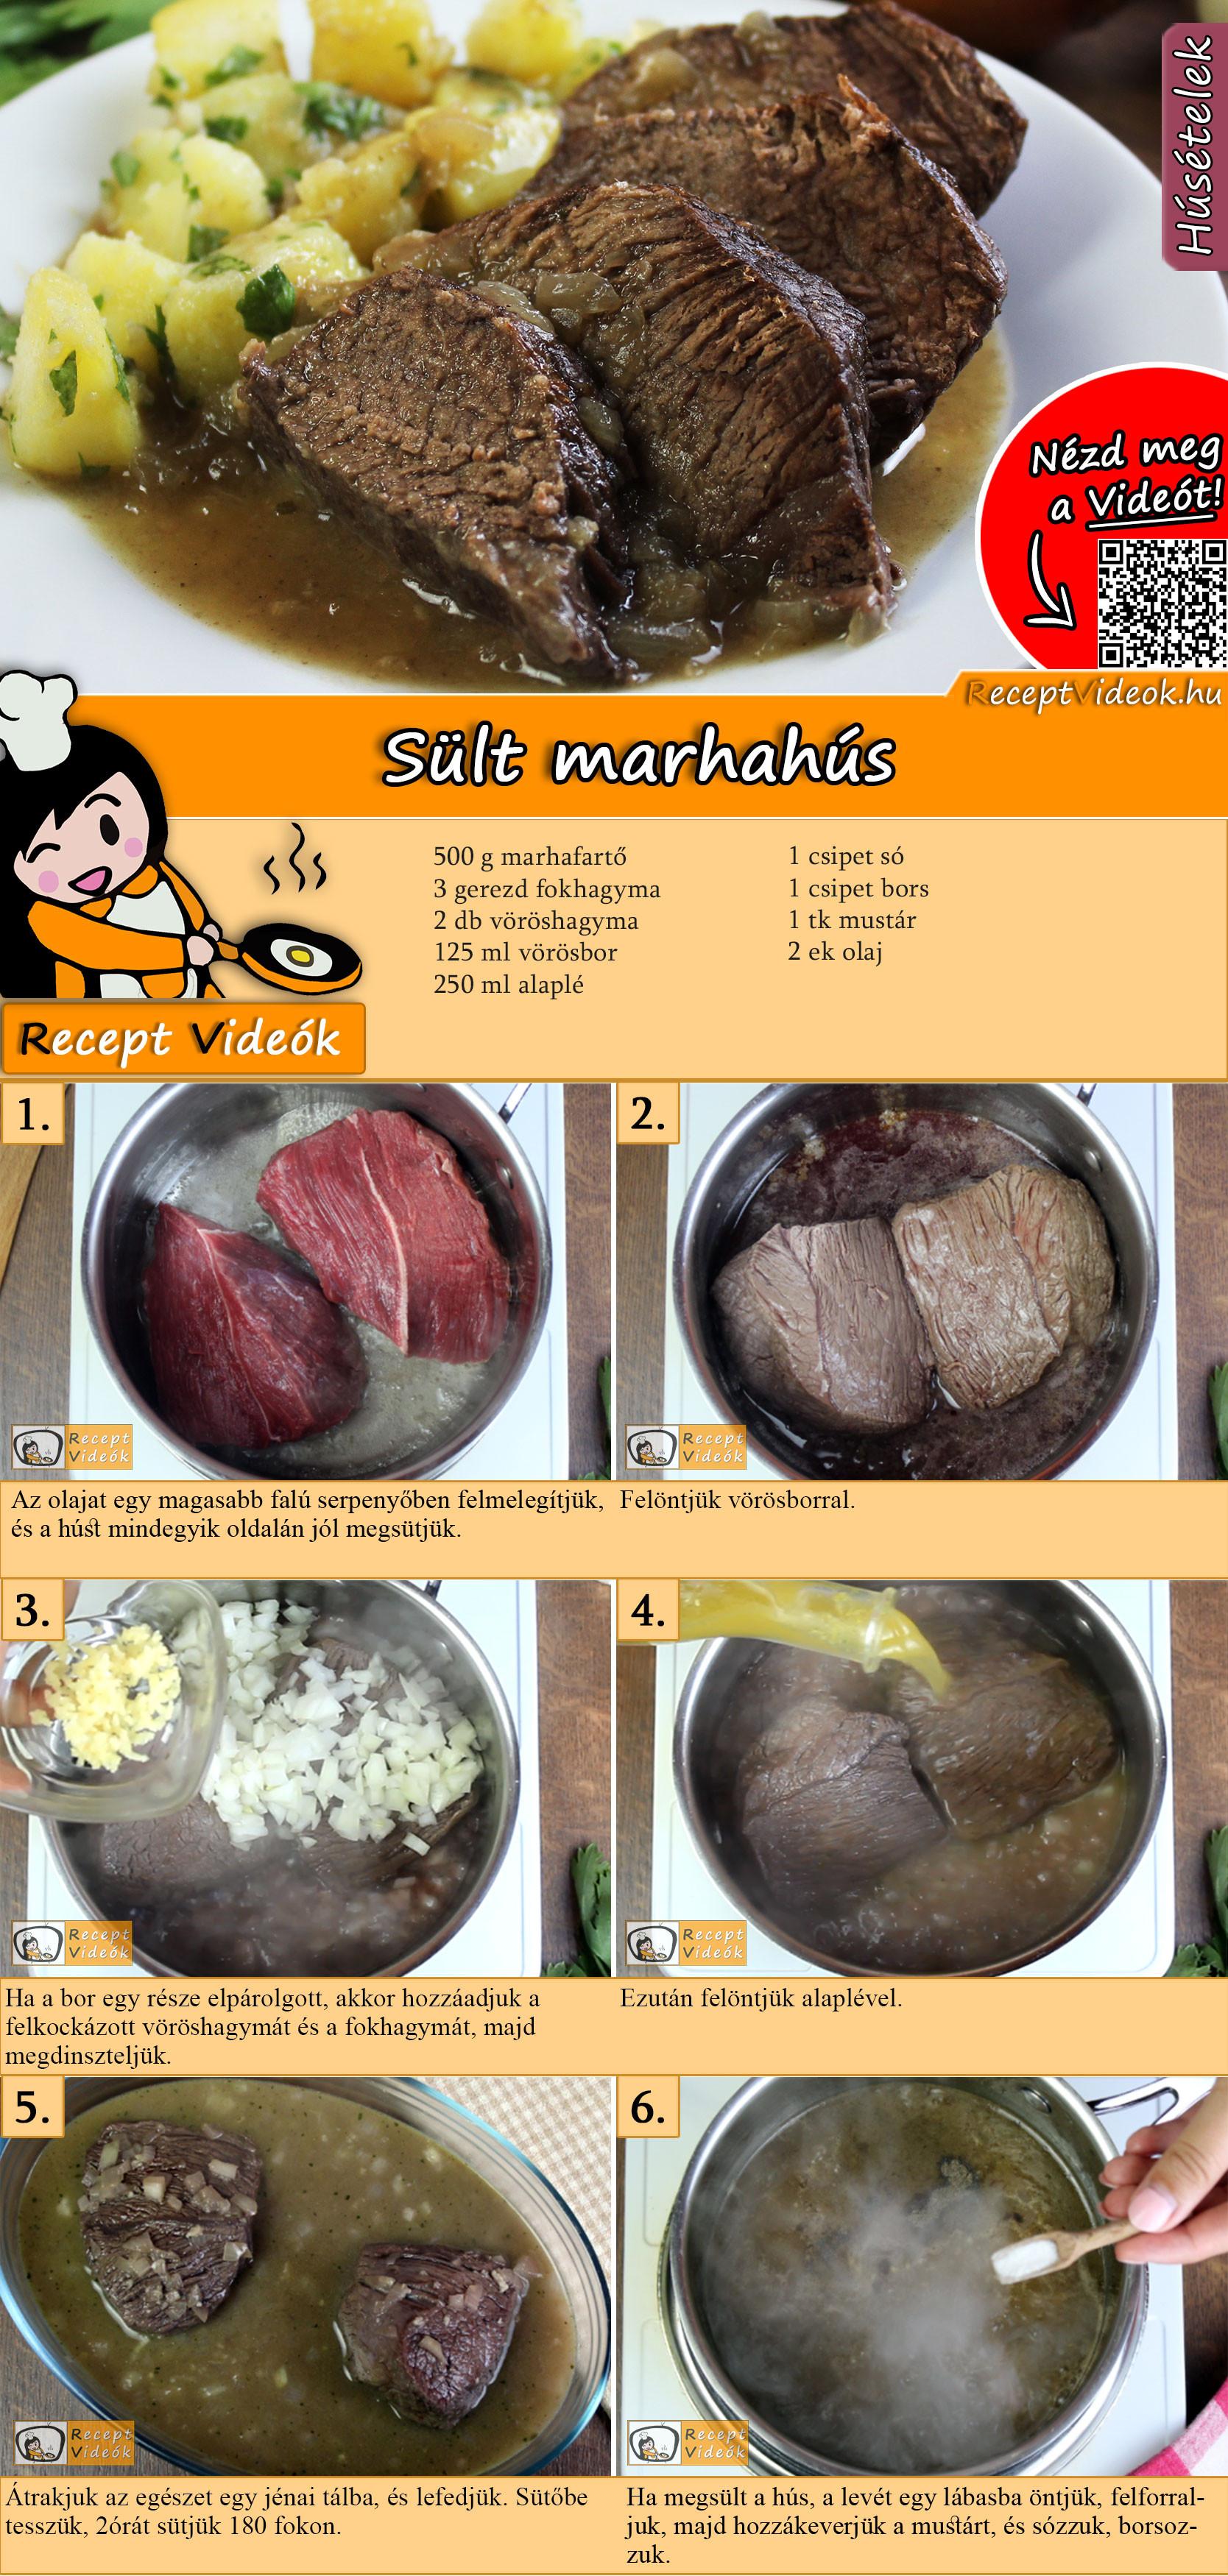 Sült marhahús recept elkészítése videóval